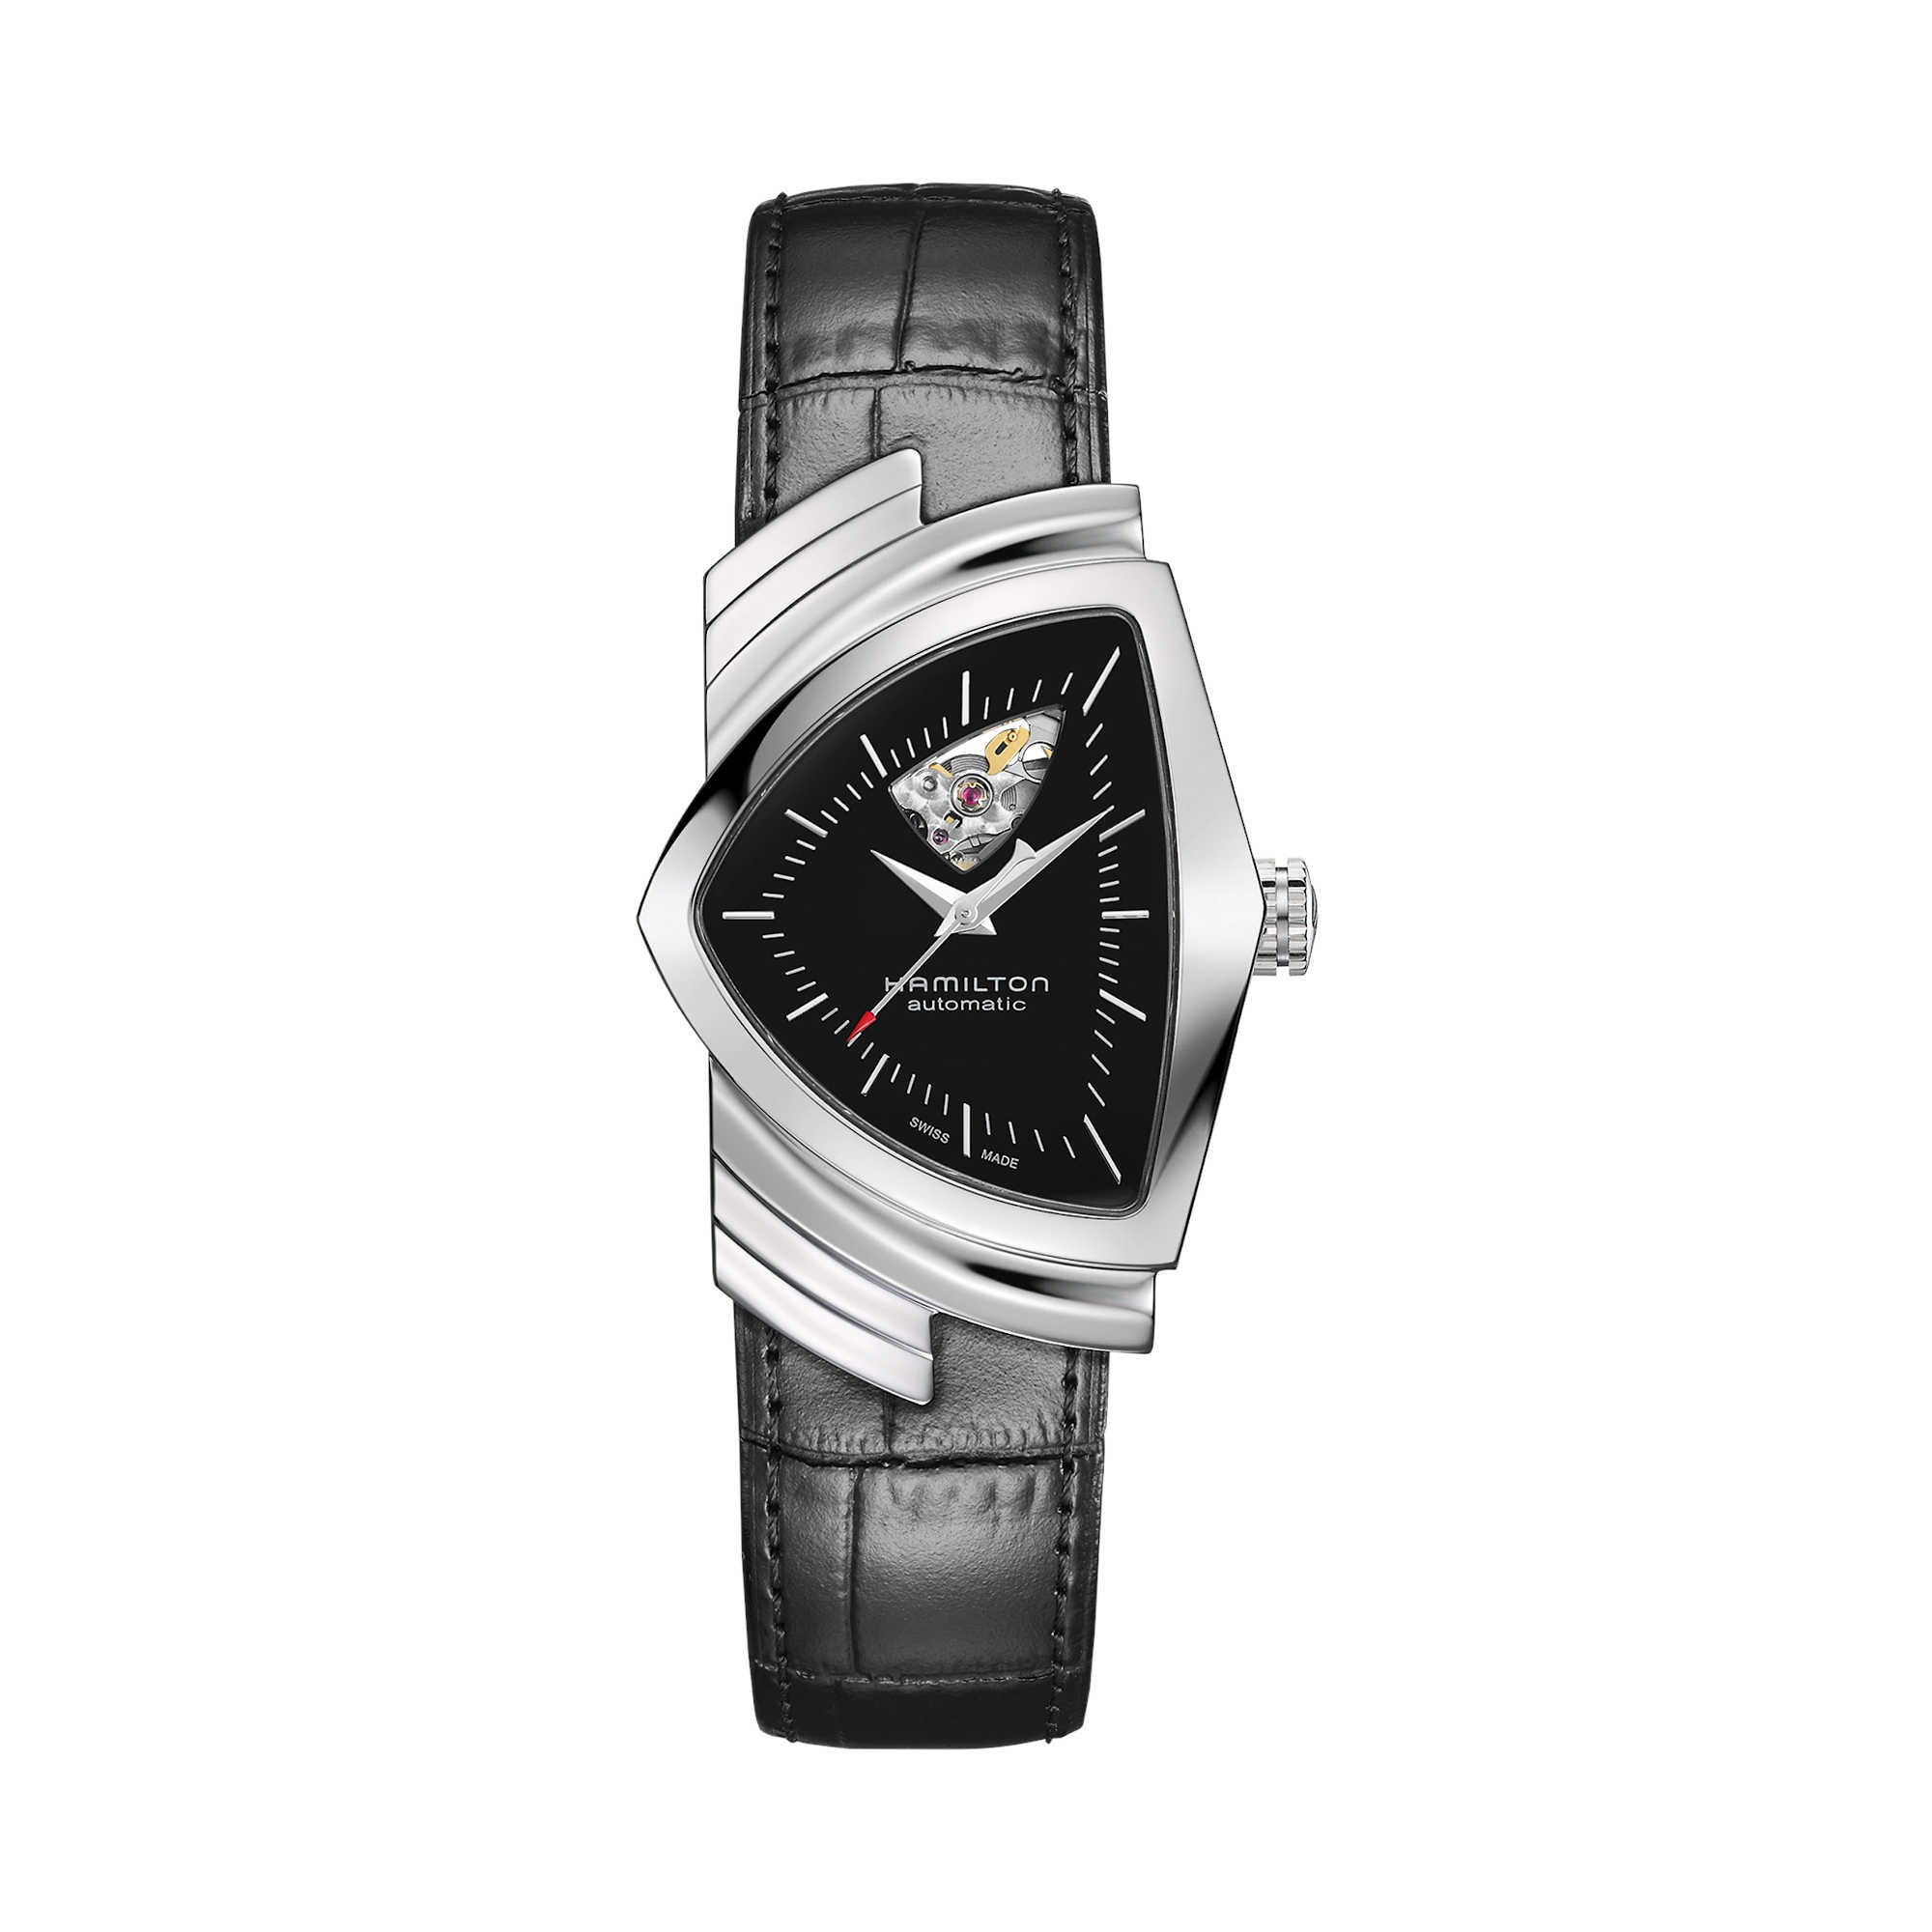 Orologio Hamilton Ventura Open Heart Auto Carica automatica | 34,7mm x 53,5mm | H24515732